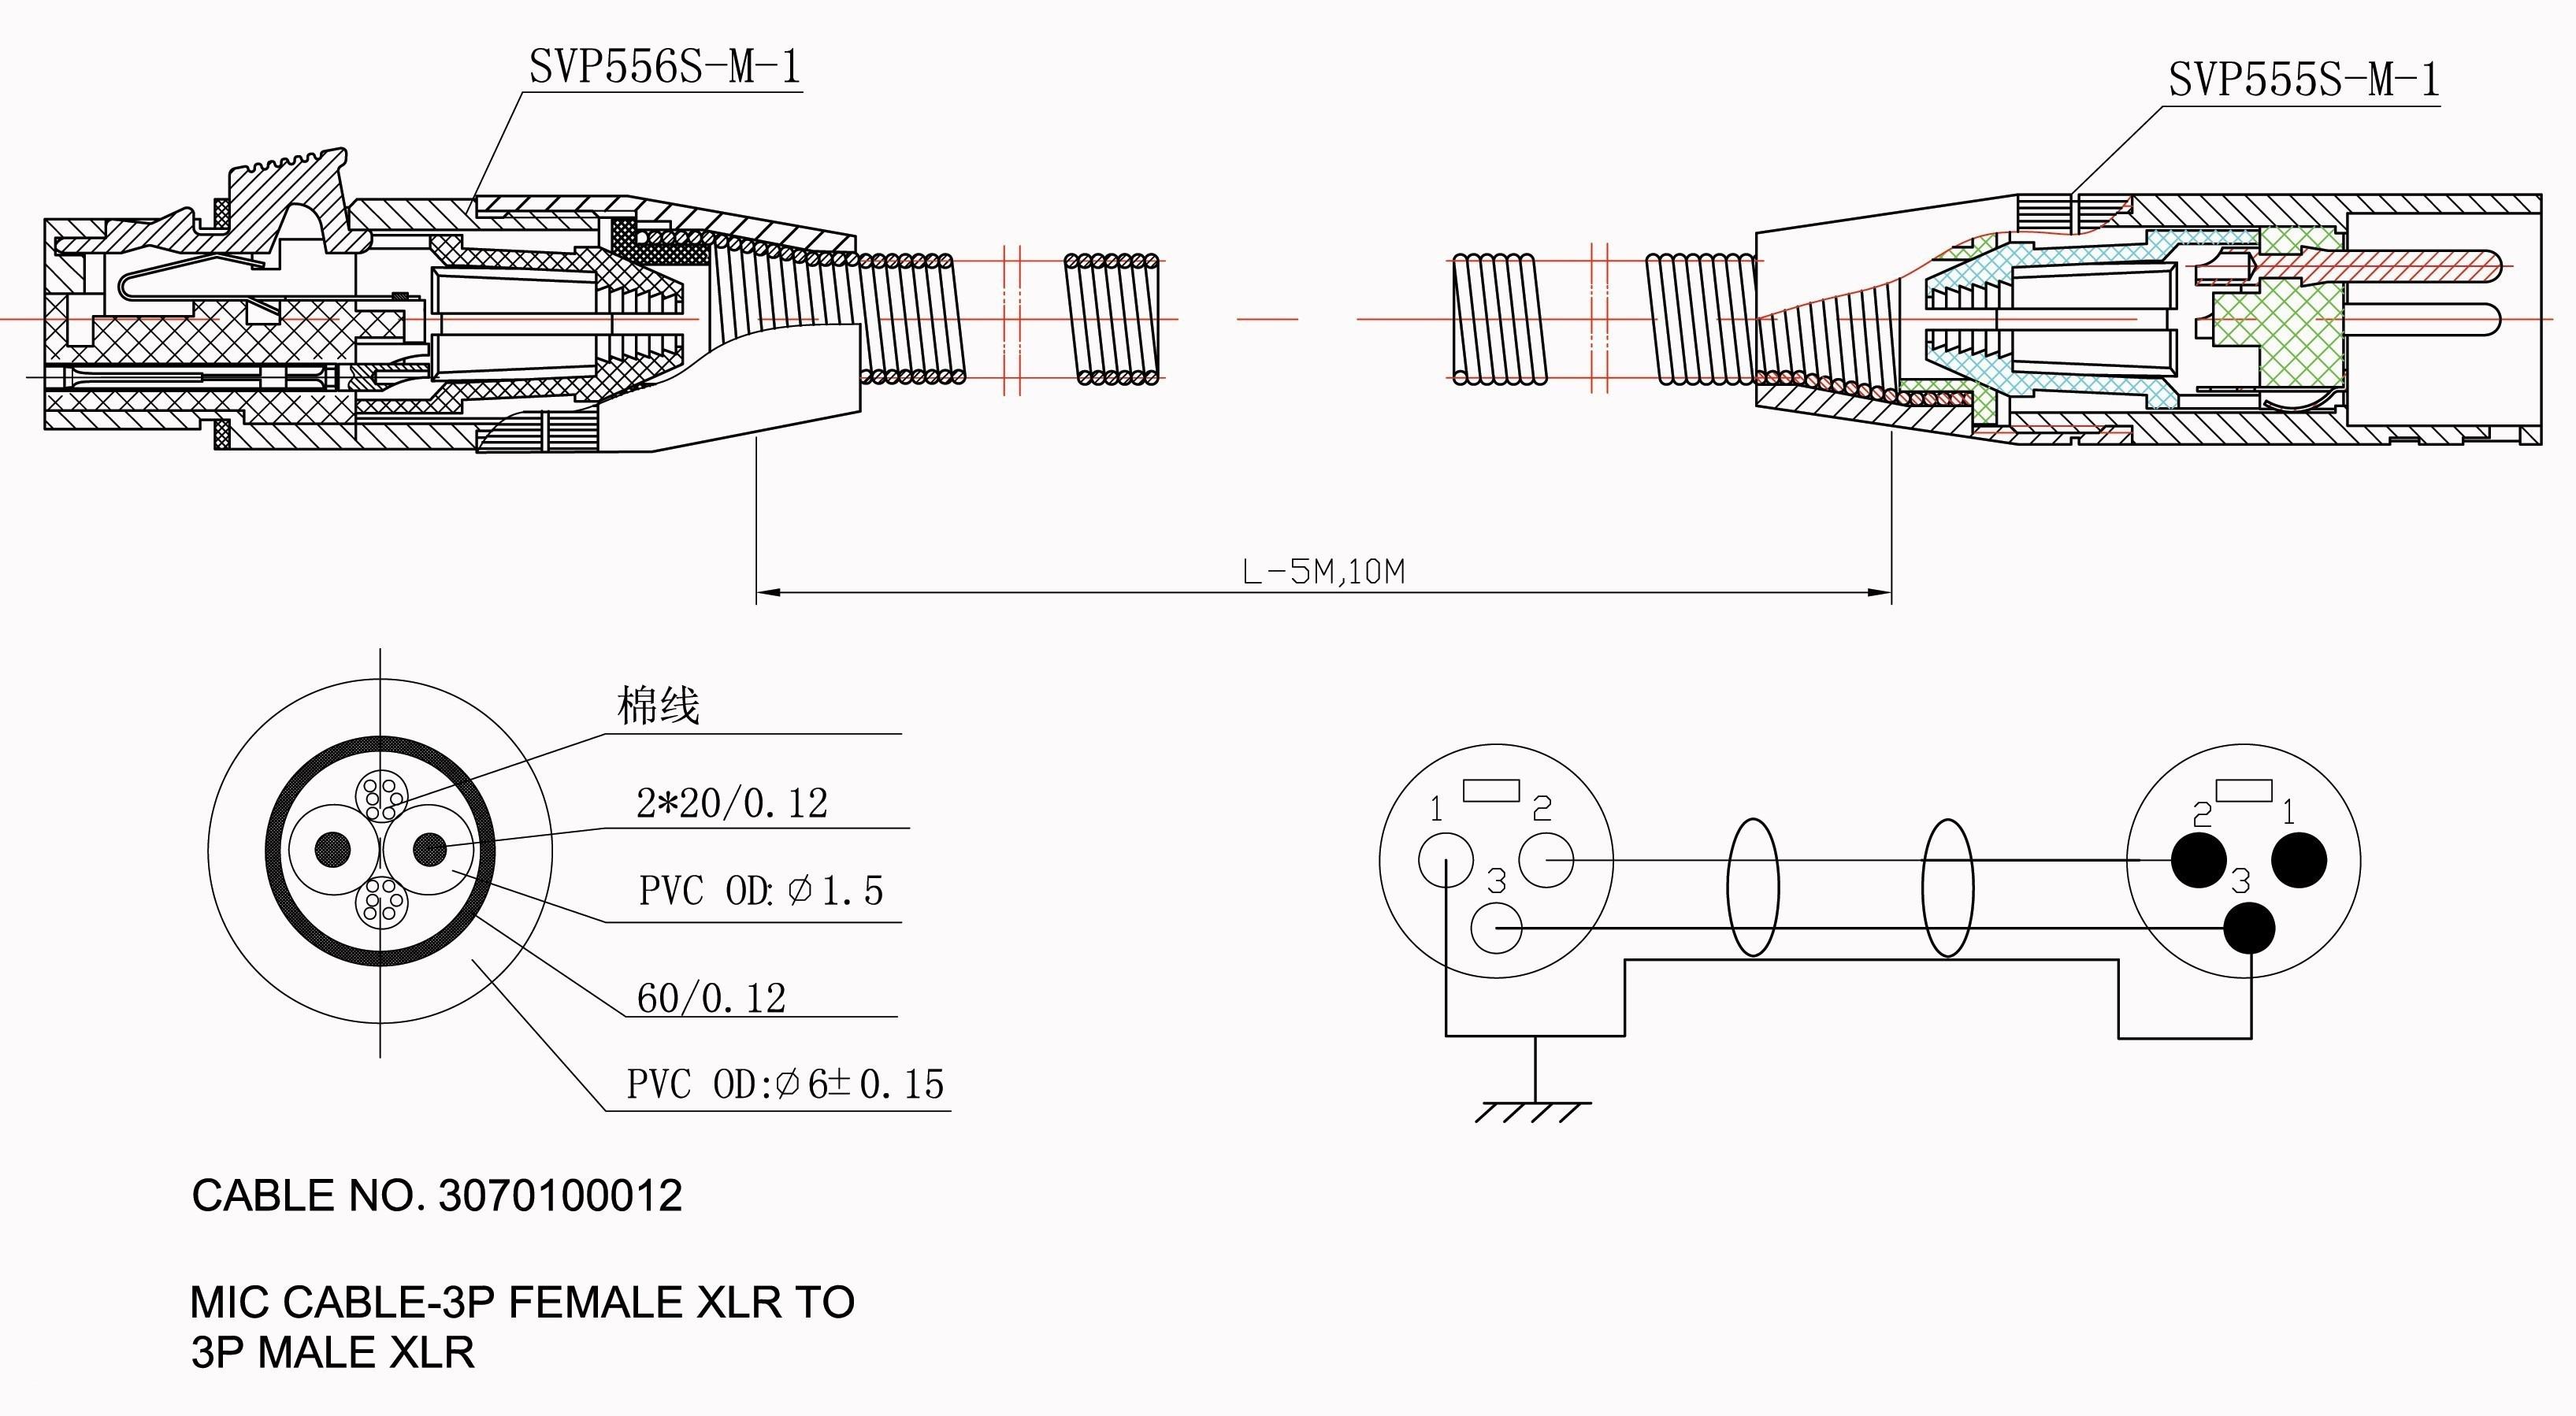 7 3 Powerstroke Engine Diagram 7 3 Powerstroke Glow Plug Relay Wiring Diagram Valid Wiring Diagram Of 7 3 Powerstroke Engine Diagram